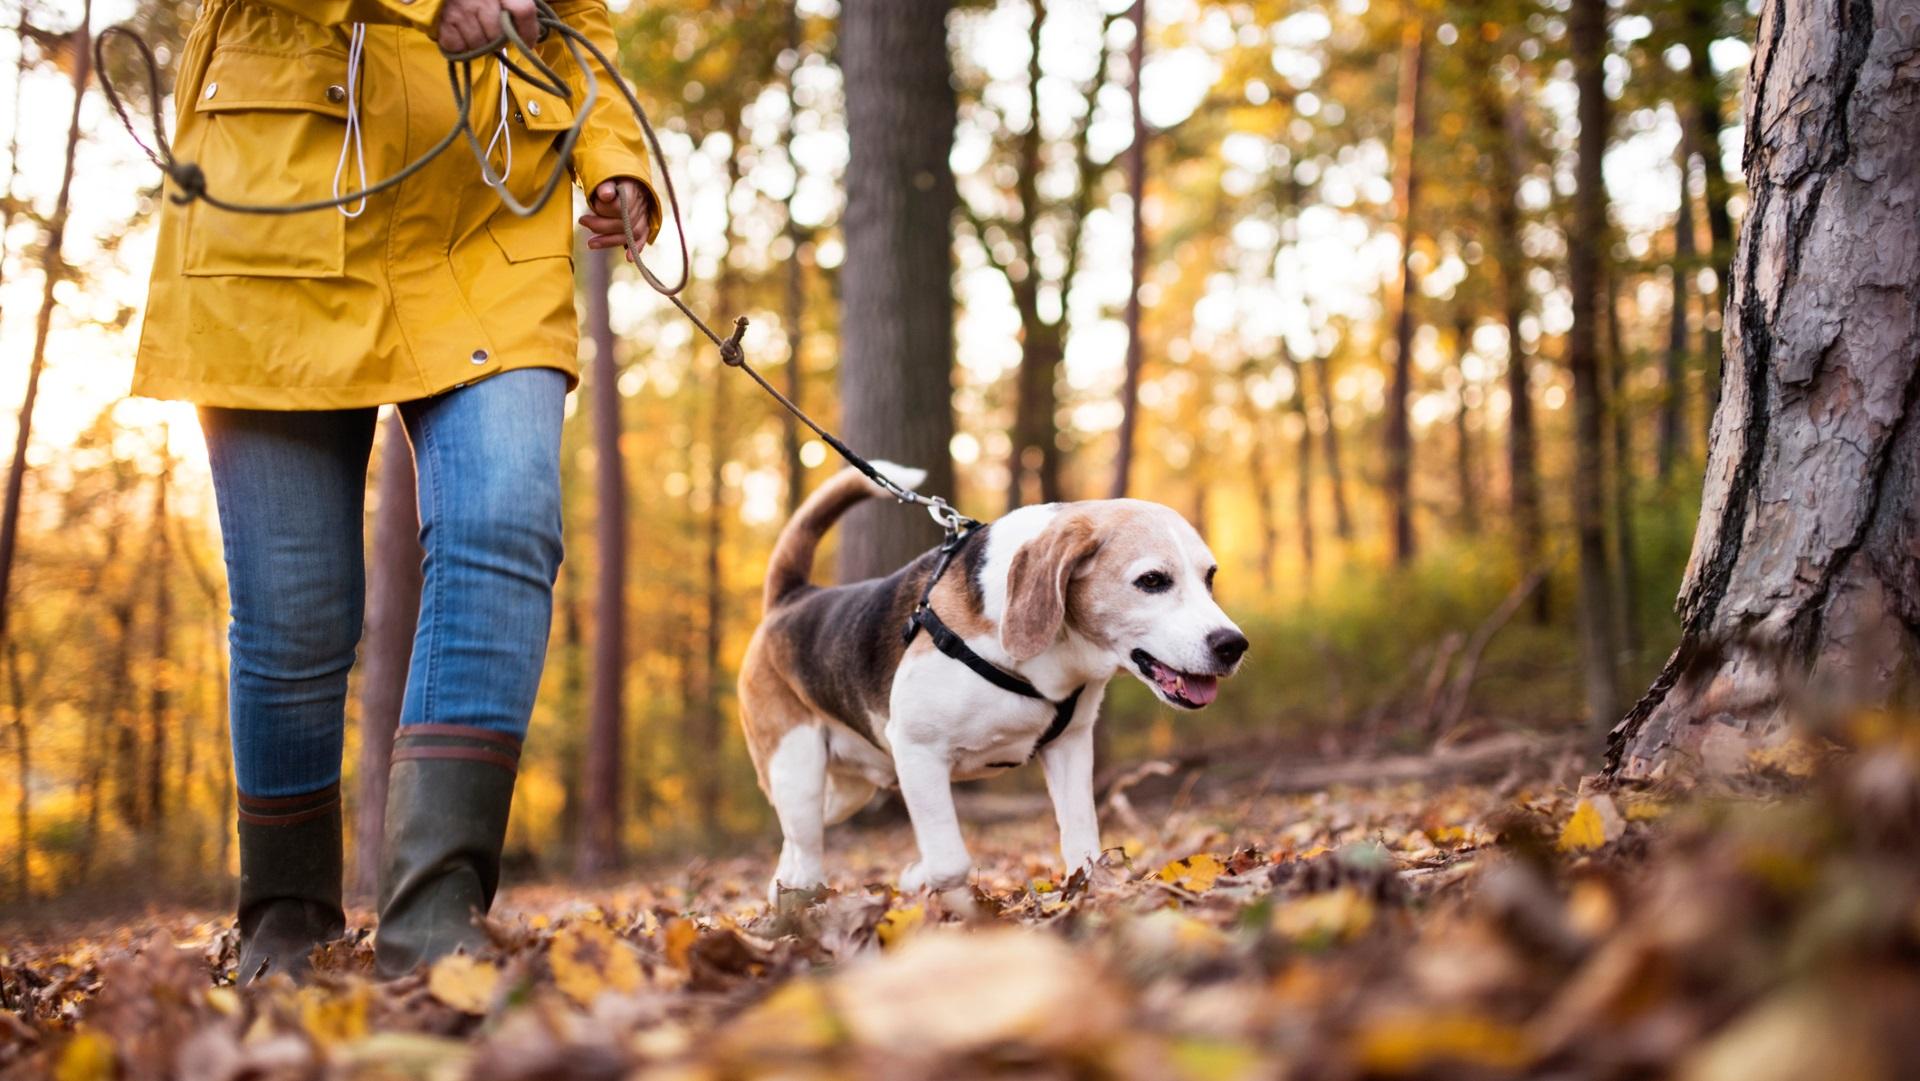 Разходете сe<br /> <br /> Излезте от кухнята и отидете на разходка и се концентрирайте върху нещо друго, а не върху храна. Упражненията също ще ви помогнат да не мислите за вкусотии. Гладът за нещо вредно може да бъде породен от скука, така че разходката може да ви разсее.